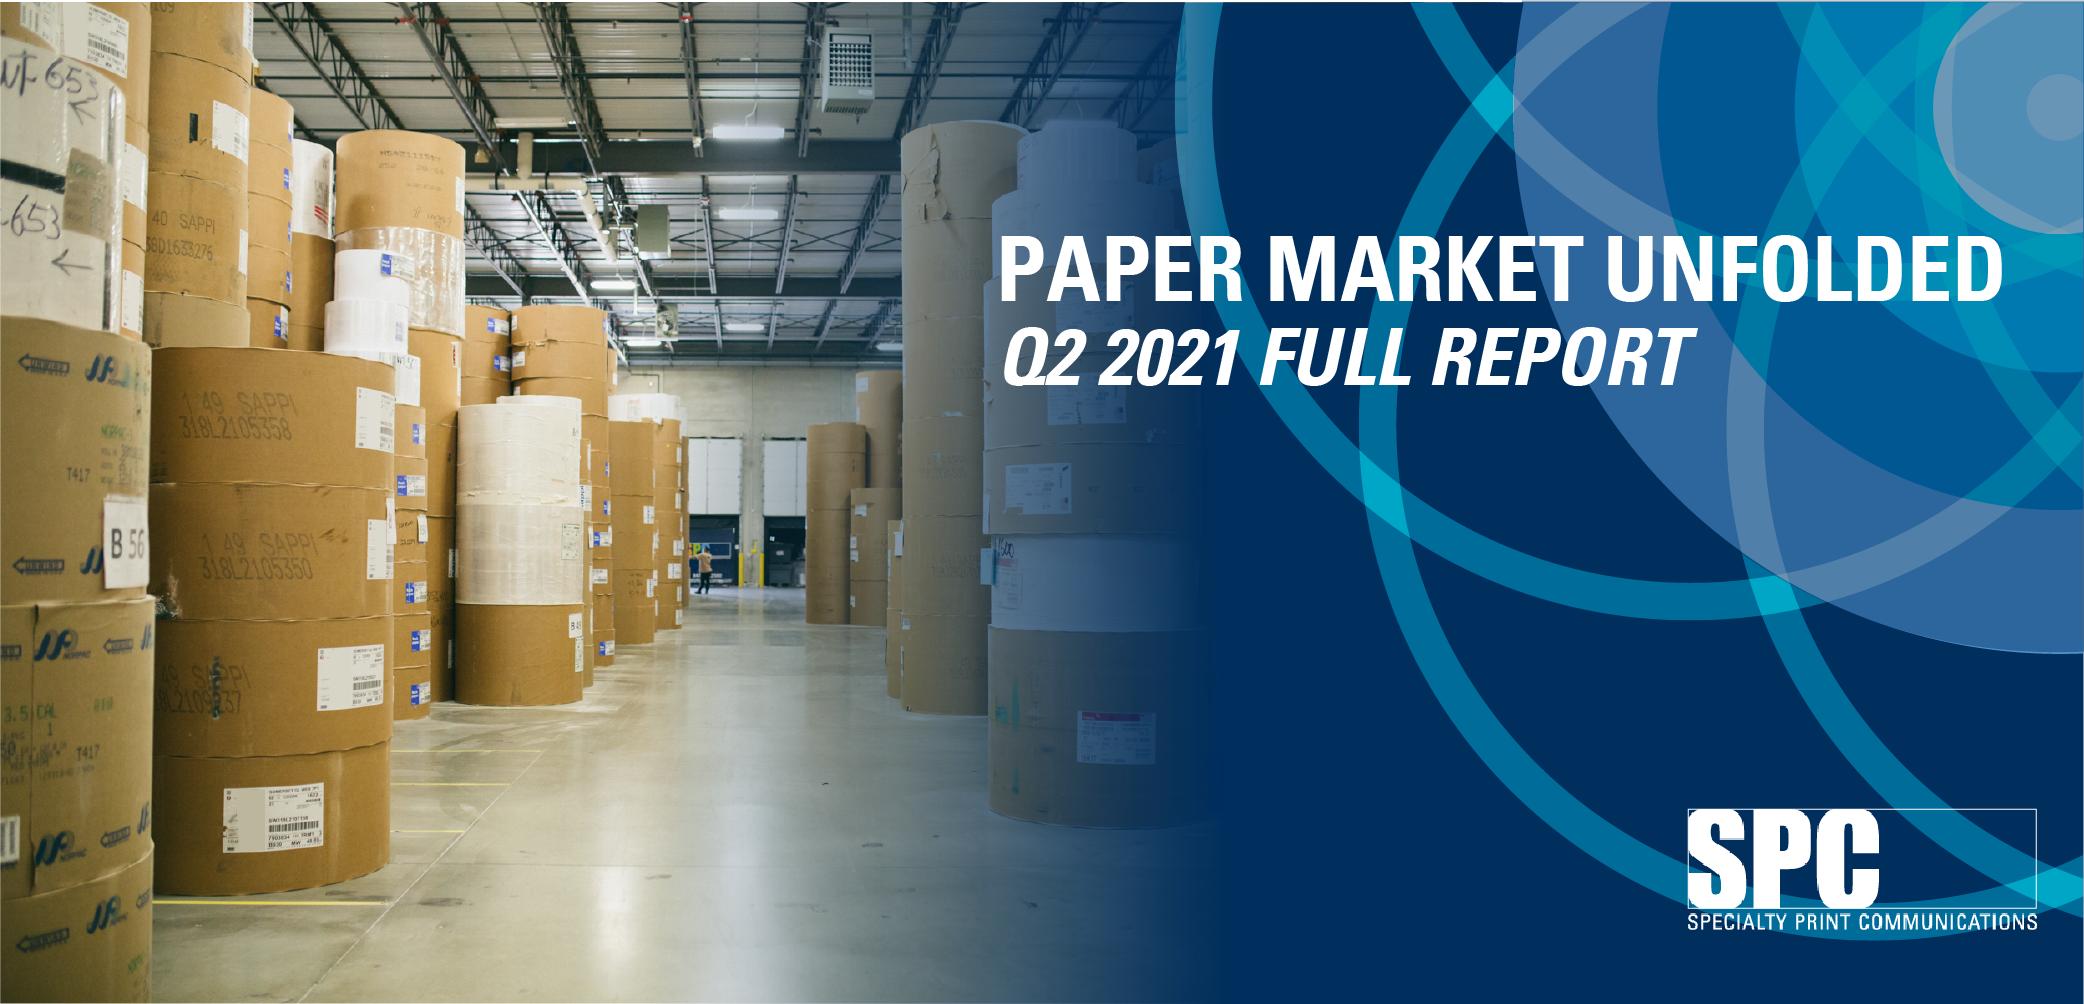 PAPER MARKET UNFOLDED: Q2 2021 FULL REPORT